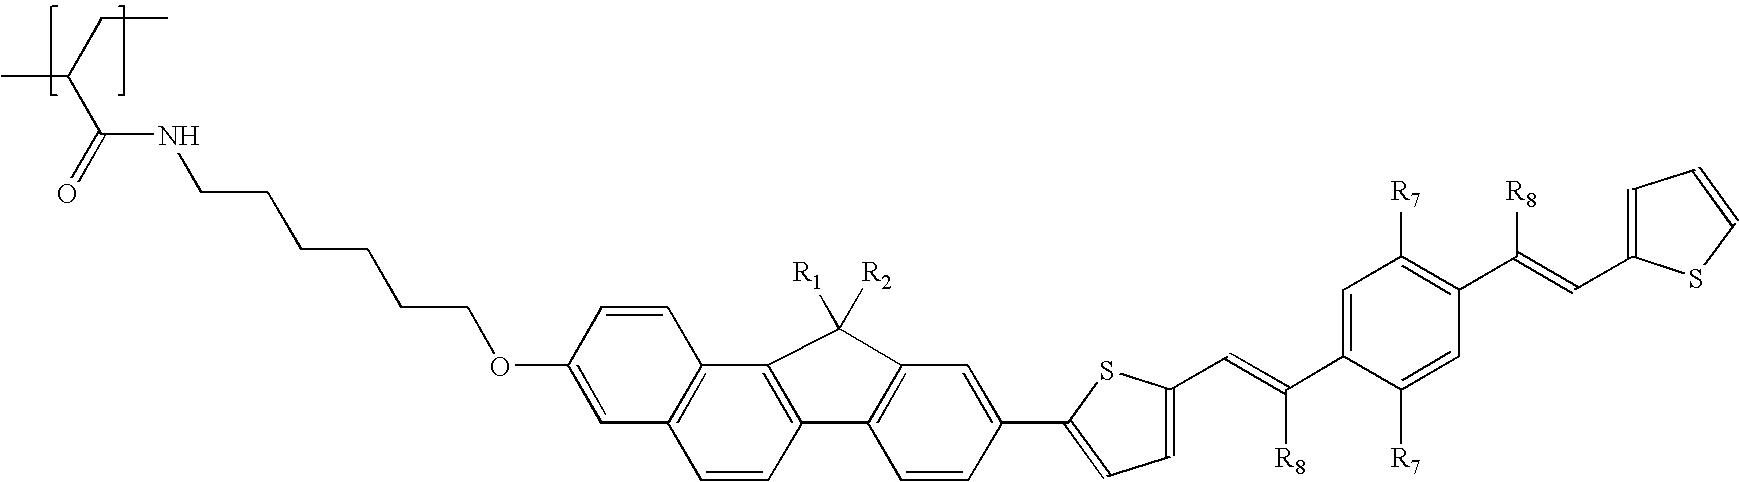 Figure US06849348-20050201-C00093